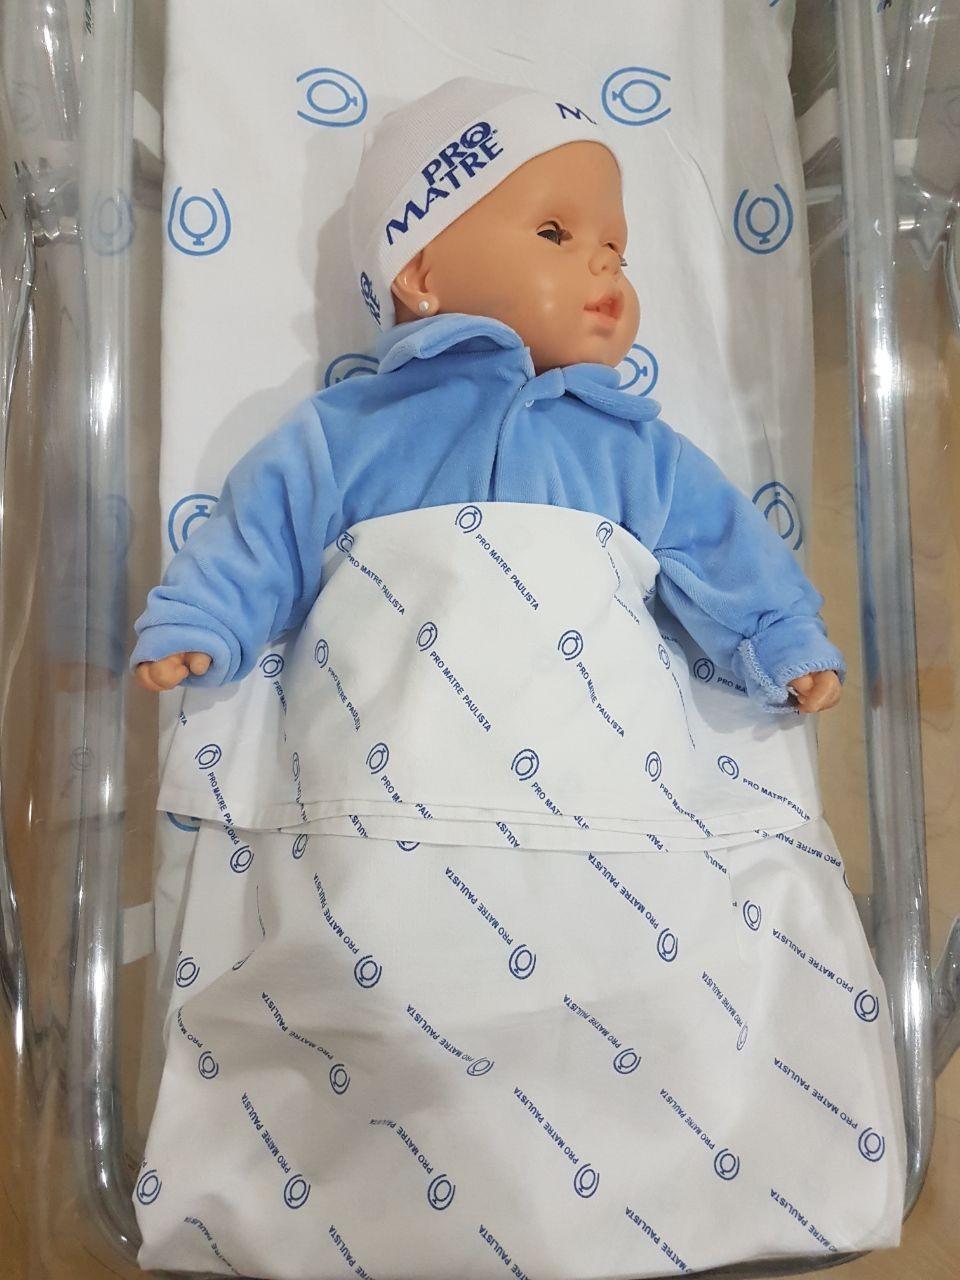 Como segurar o bebê (Foto: Divulgação)